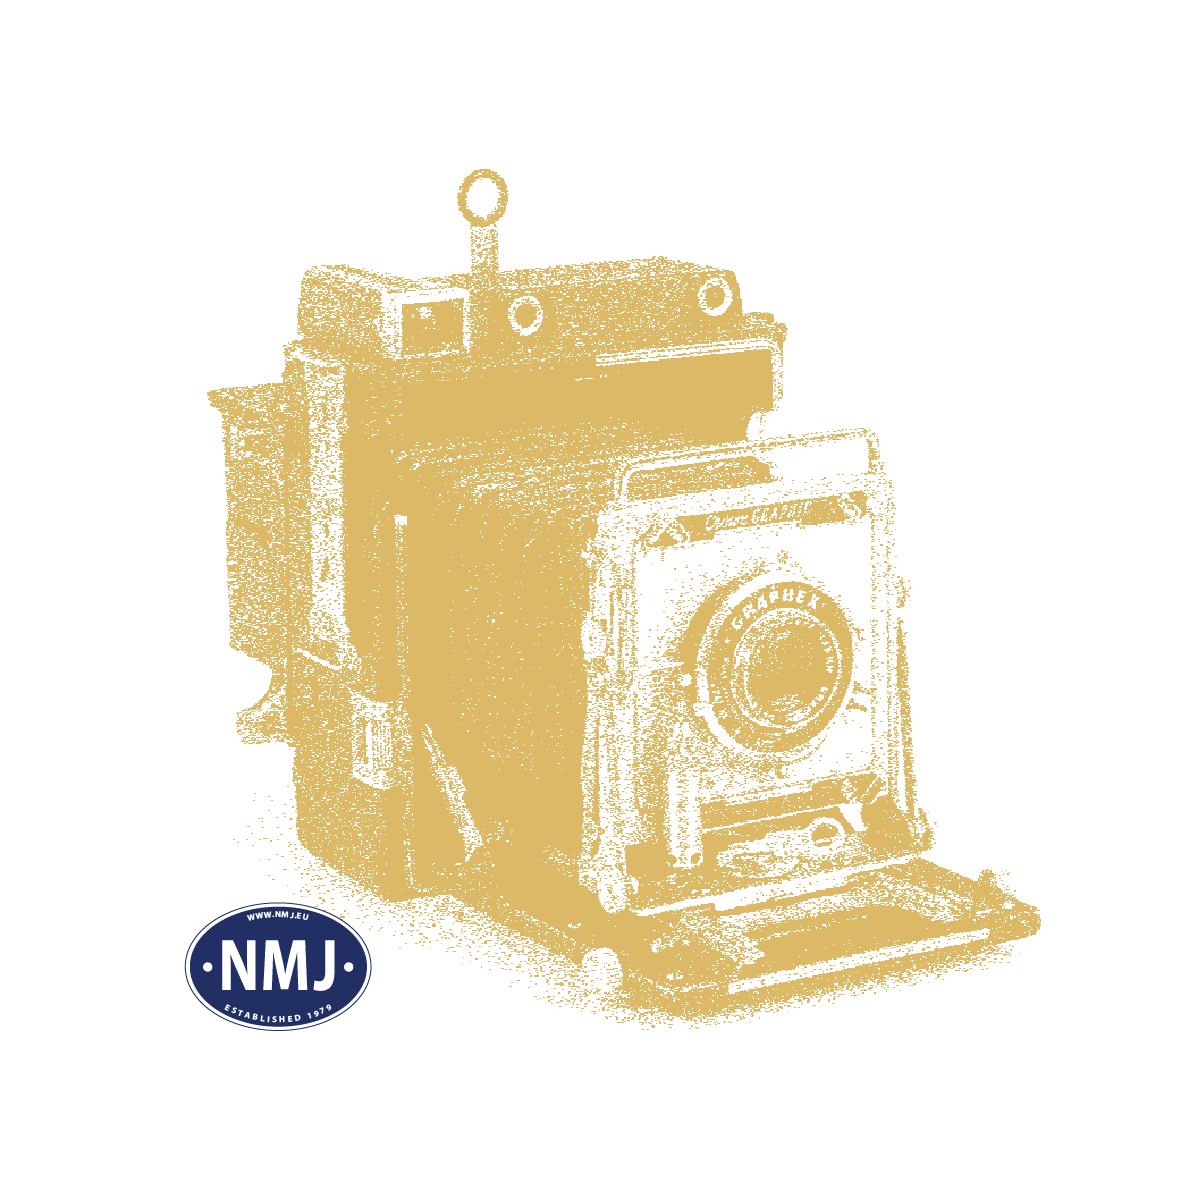 NMJT90204 - NMJ Topline MAV M61.020, Nohab, DC